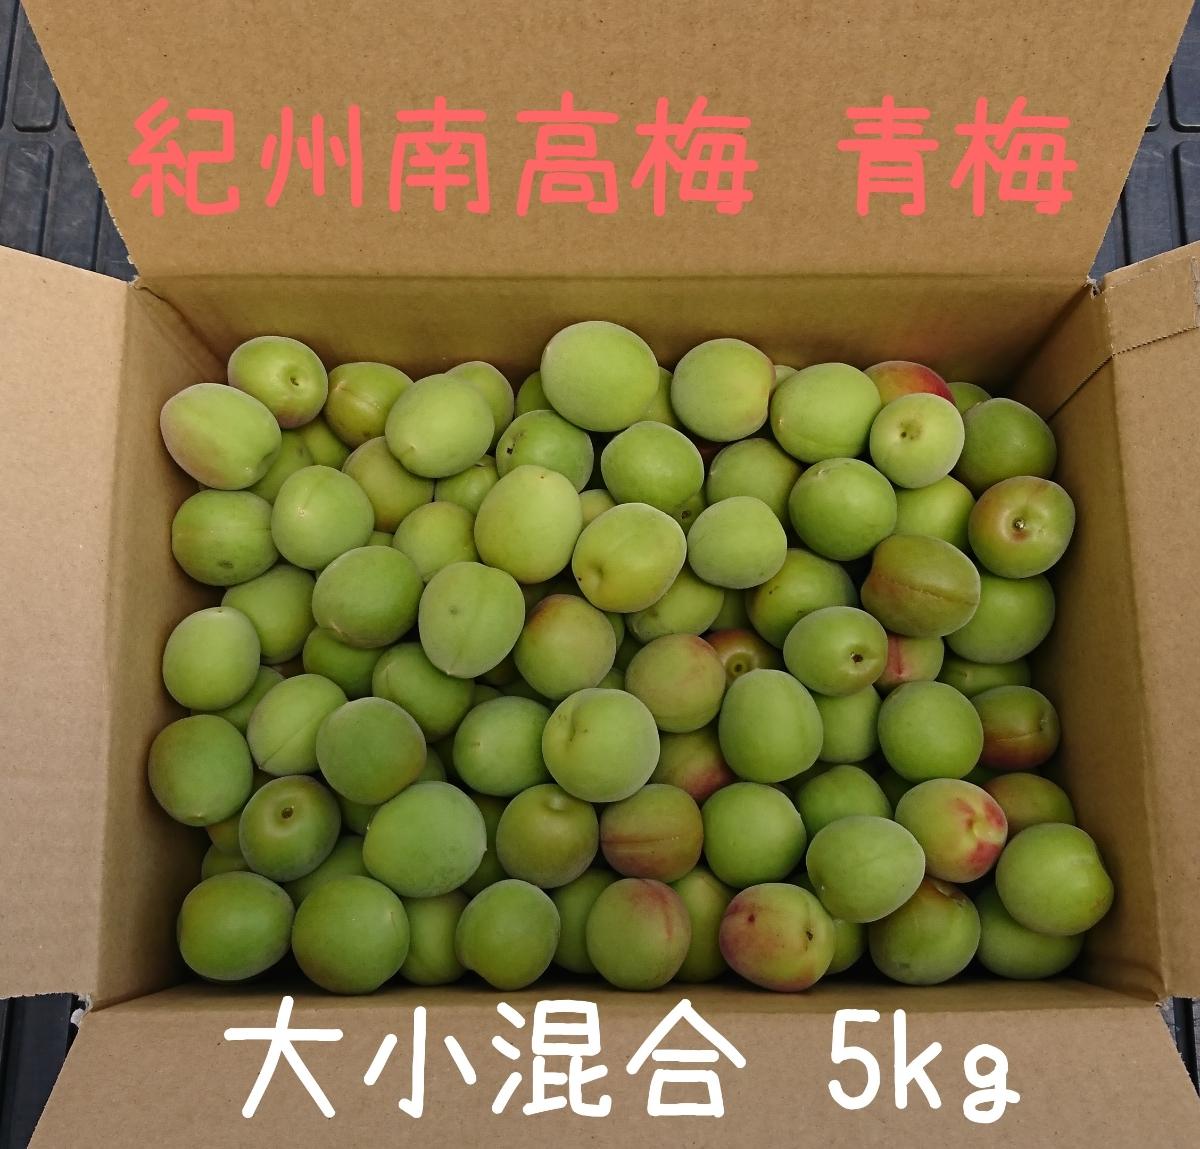 6月9日収穫発送 紀州南高梅 青梅 5kg 大小混合 和歌山県みなべ町産 梅酒、梅ジュースに!